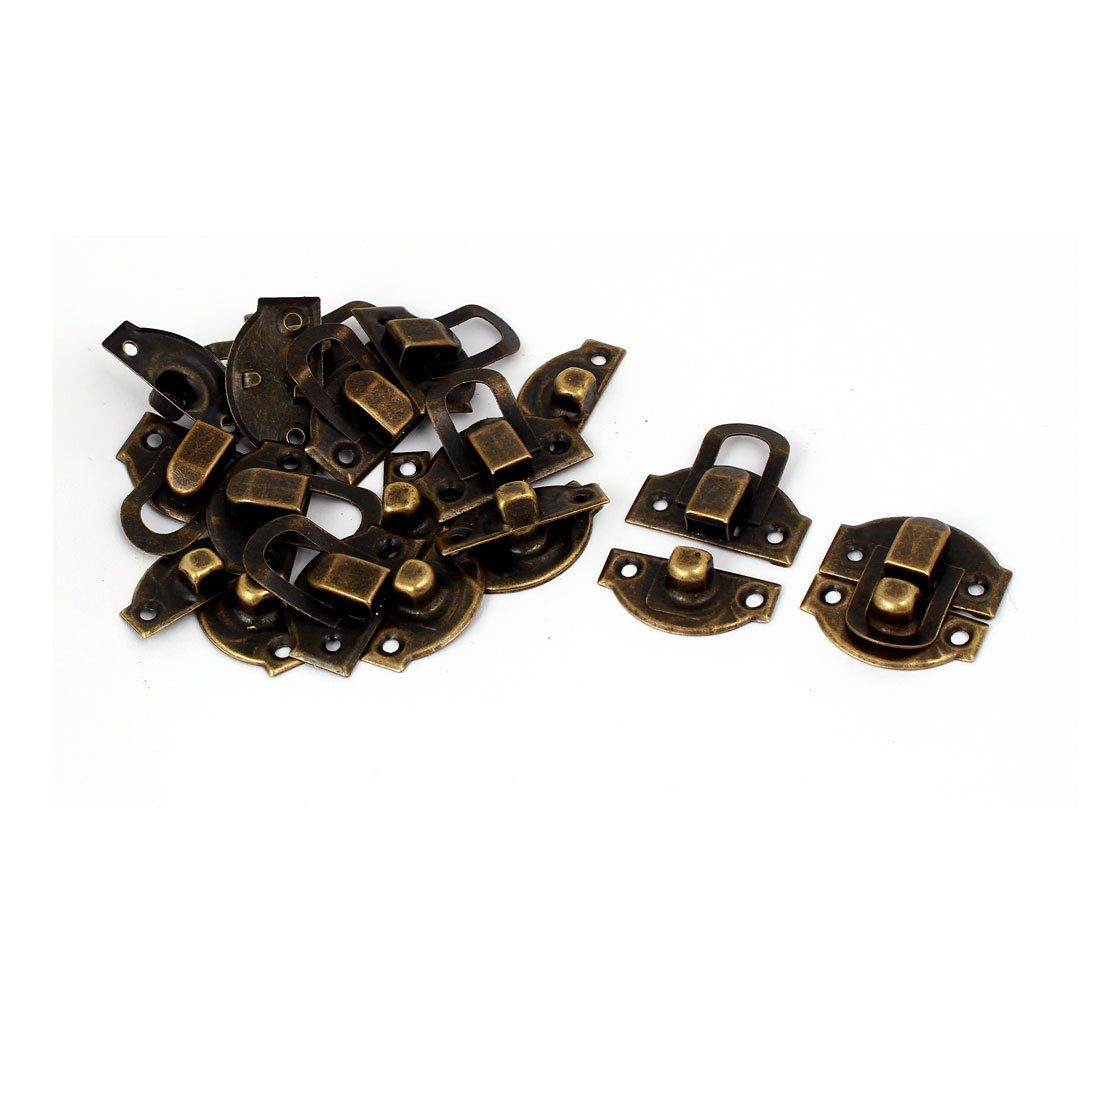 sourcing map Scatola di legno Cassetta Fermaglio di blocco gancio di blocco cerniera tono bronzo 29x27x6mm 10pz SYNCTEA015949